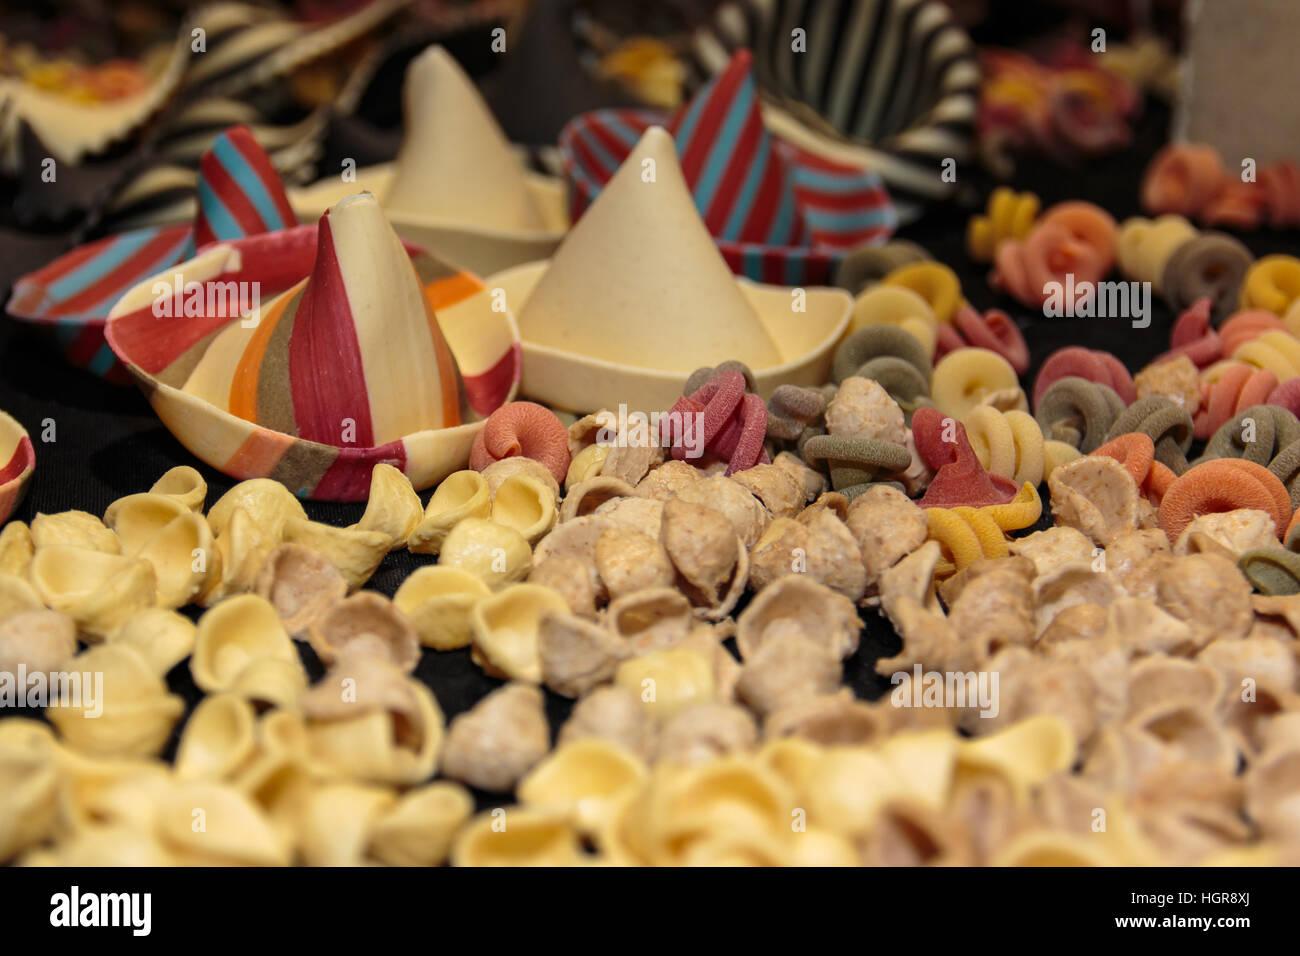 Farbenfrohe italienische Teigwaren Sortiment auf Tisch, Orecchiette Pugliesi Stockfoto